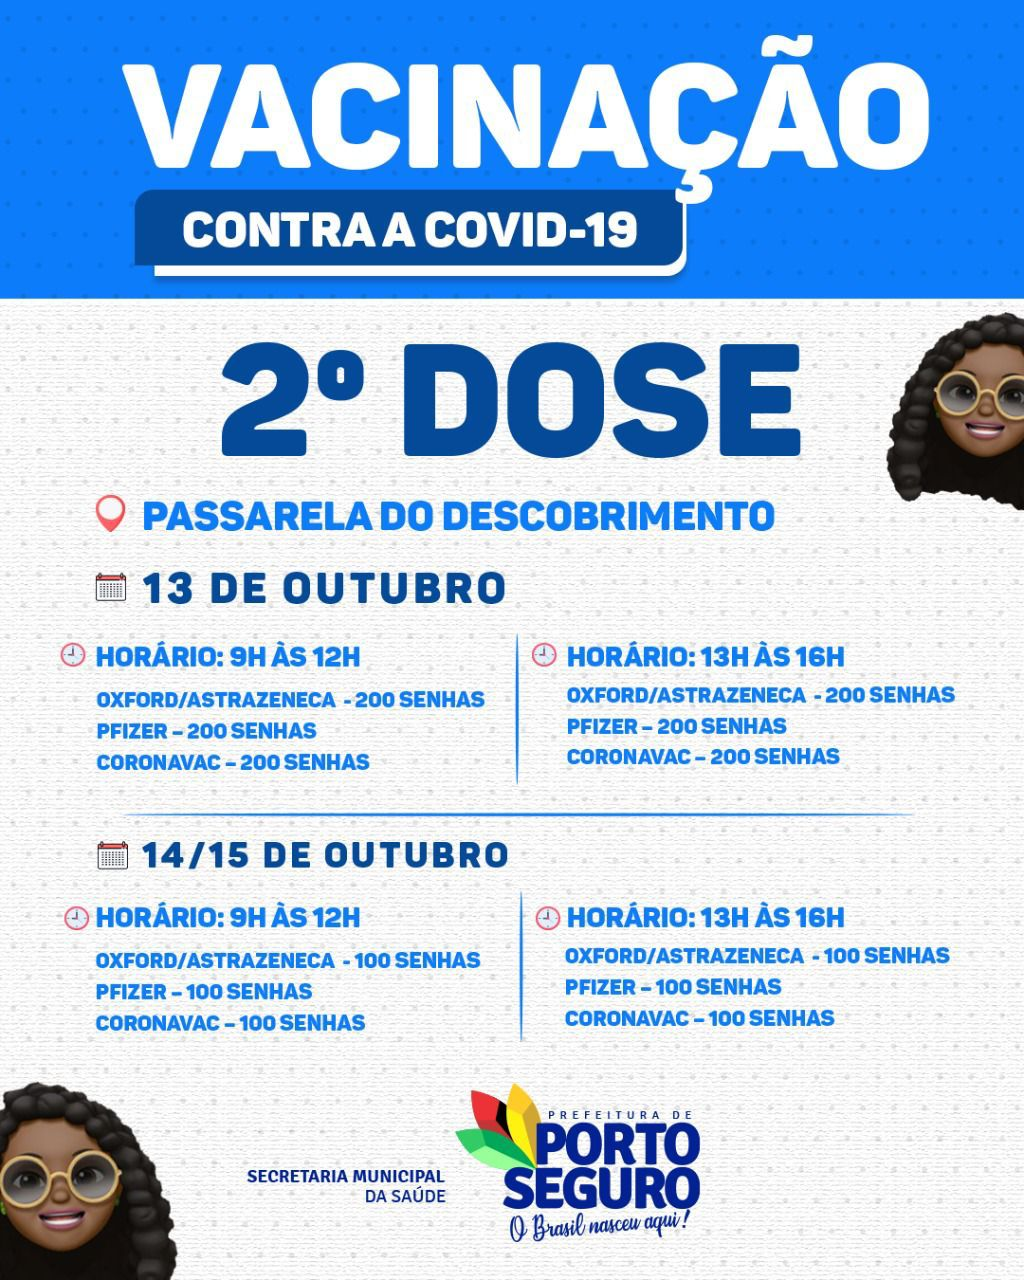 Porto Seguro: Cronograma de Vacinação contra a Covid-19; de 13 a 15/10 30